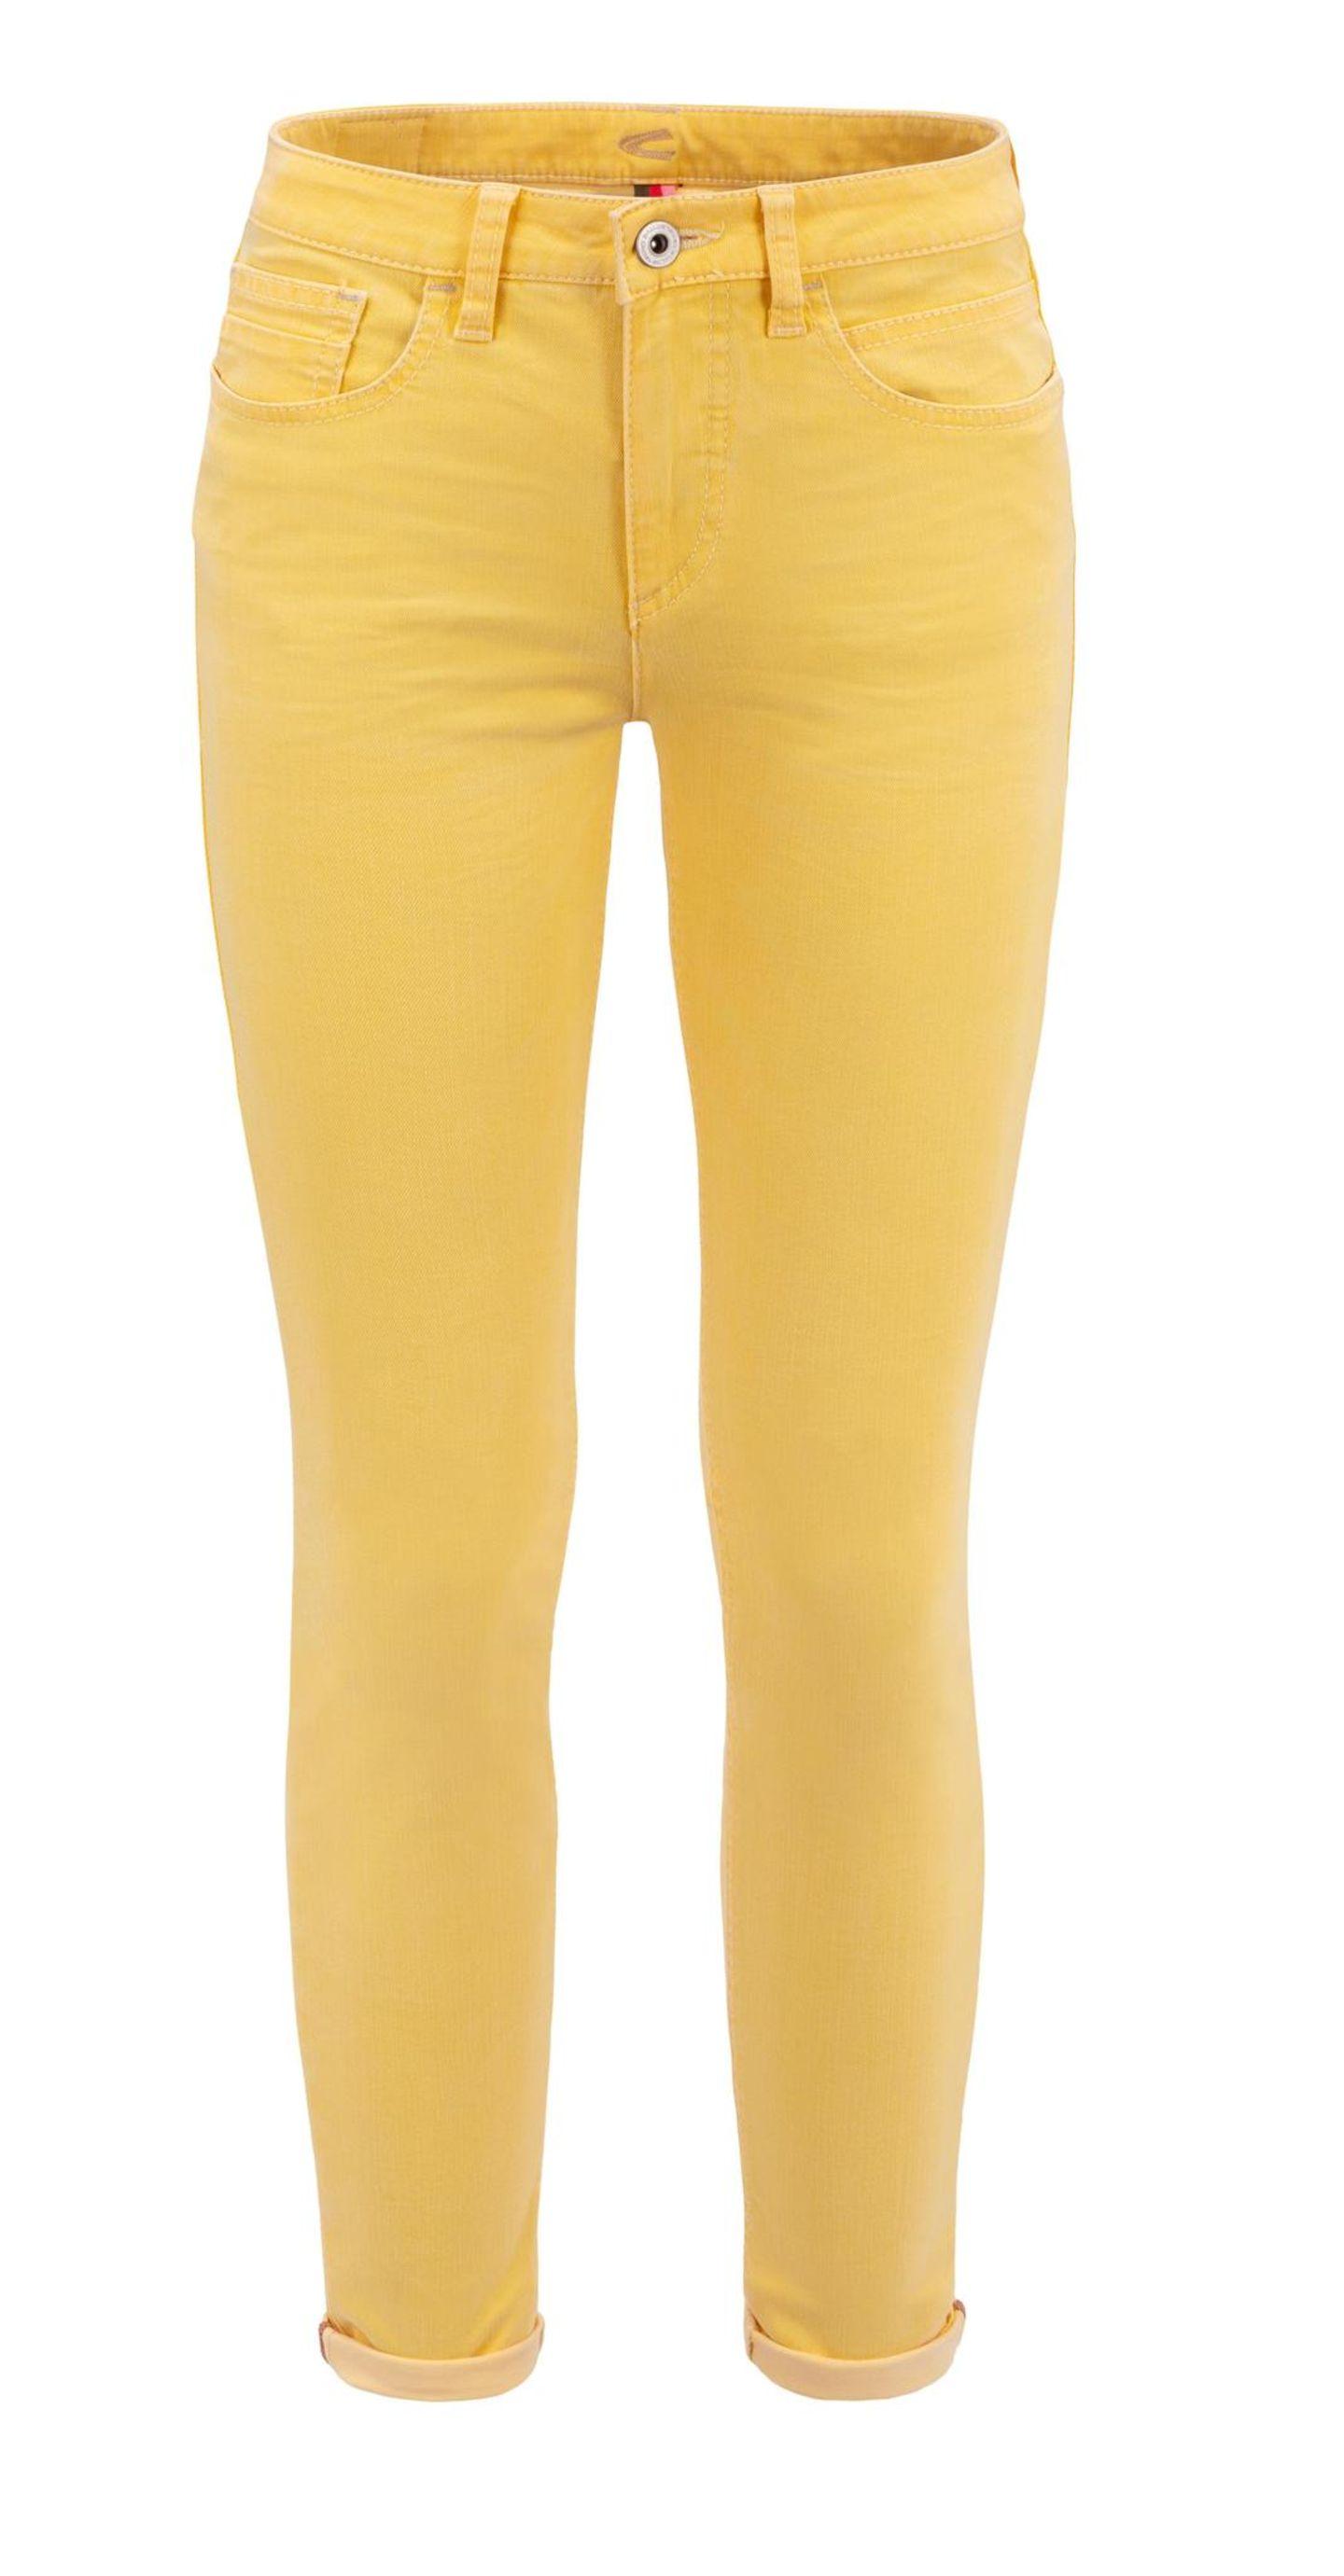 .... mache eine Jeans daraus! So oder so ähnlich könnte das Motto für diesen Sommer-Liebling lauten. Die schmal geschnittene Hose kommt mit einem coolen Leinenshirt jetzt jedenfalls ganz groß raus. Von camel active, um 90 Euro.